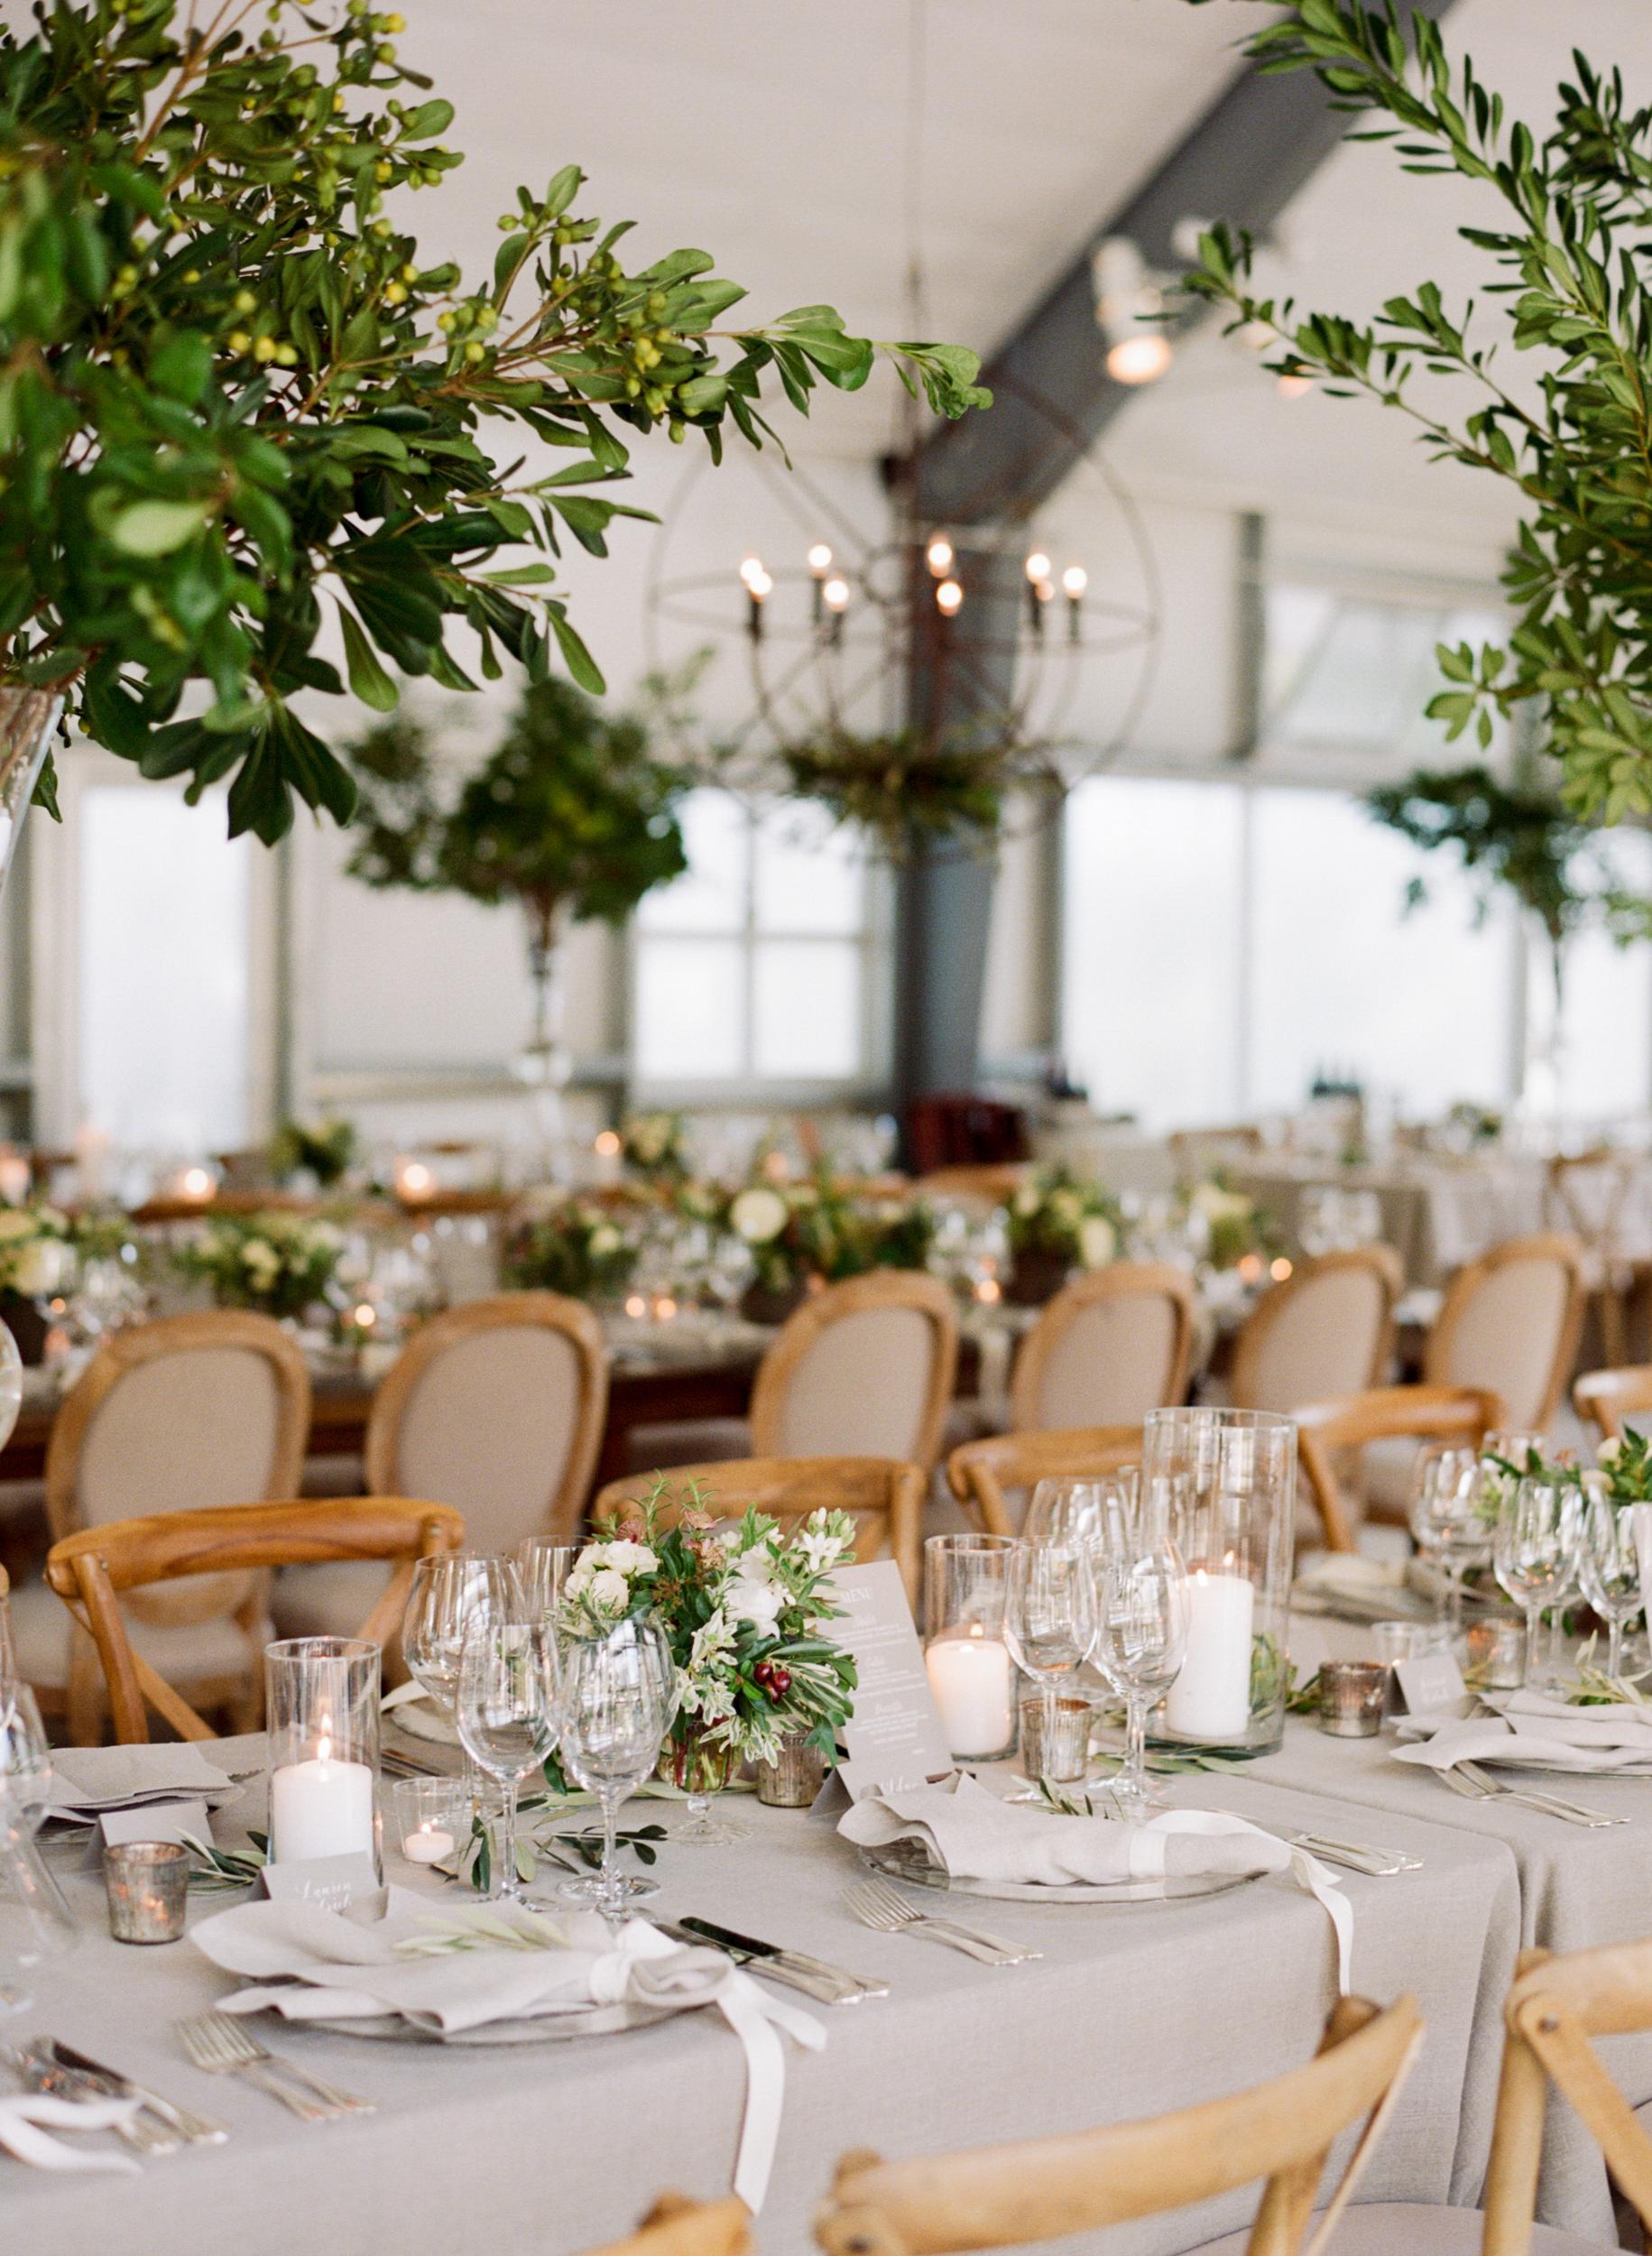 SylvieGil-Durham-Ranch-Organic-Ethereal-Rustic-Reception-Table-SettingWedding